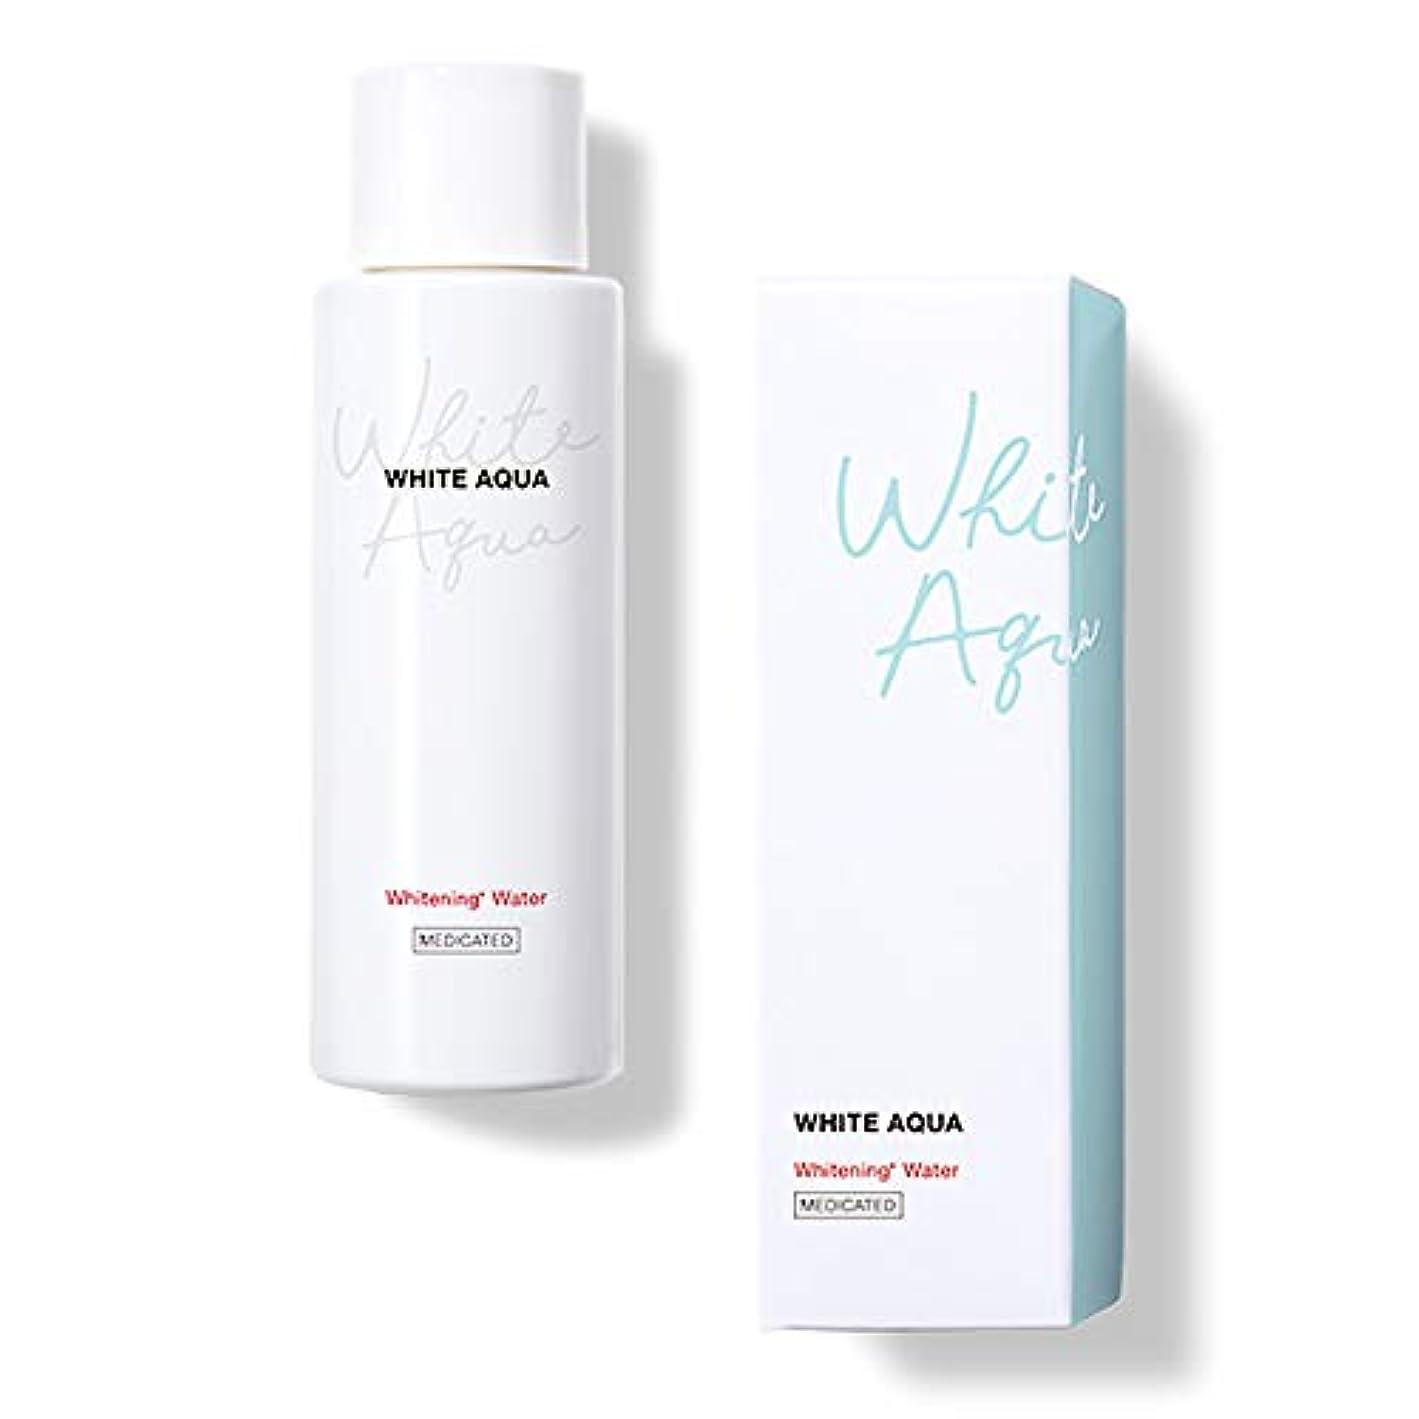 バーター粘り強いクレーターホワイトアクア WHITE AQUA 薬用美白水